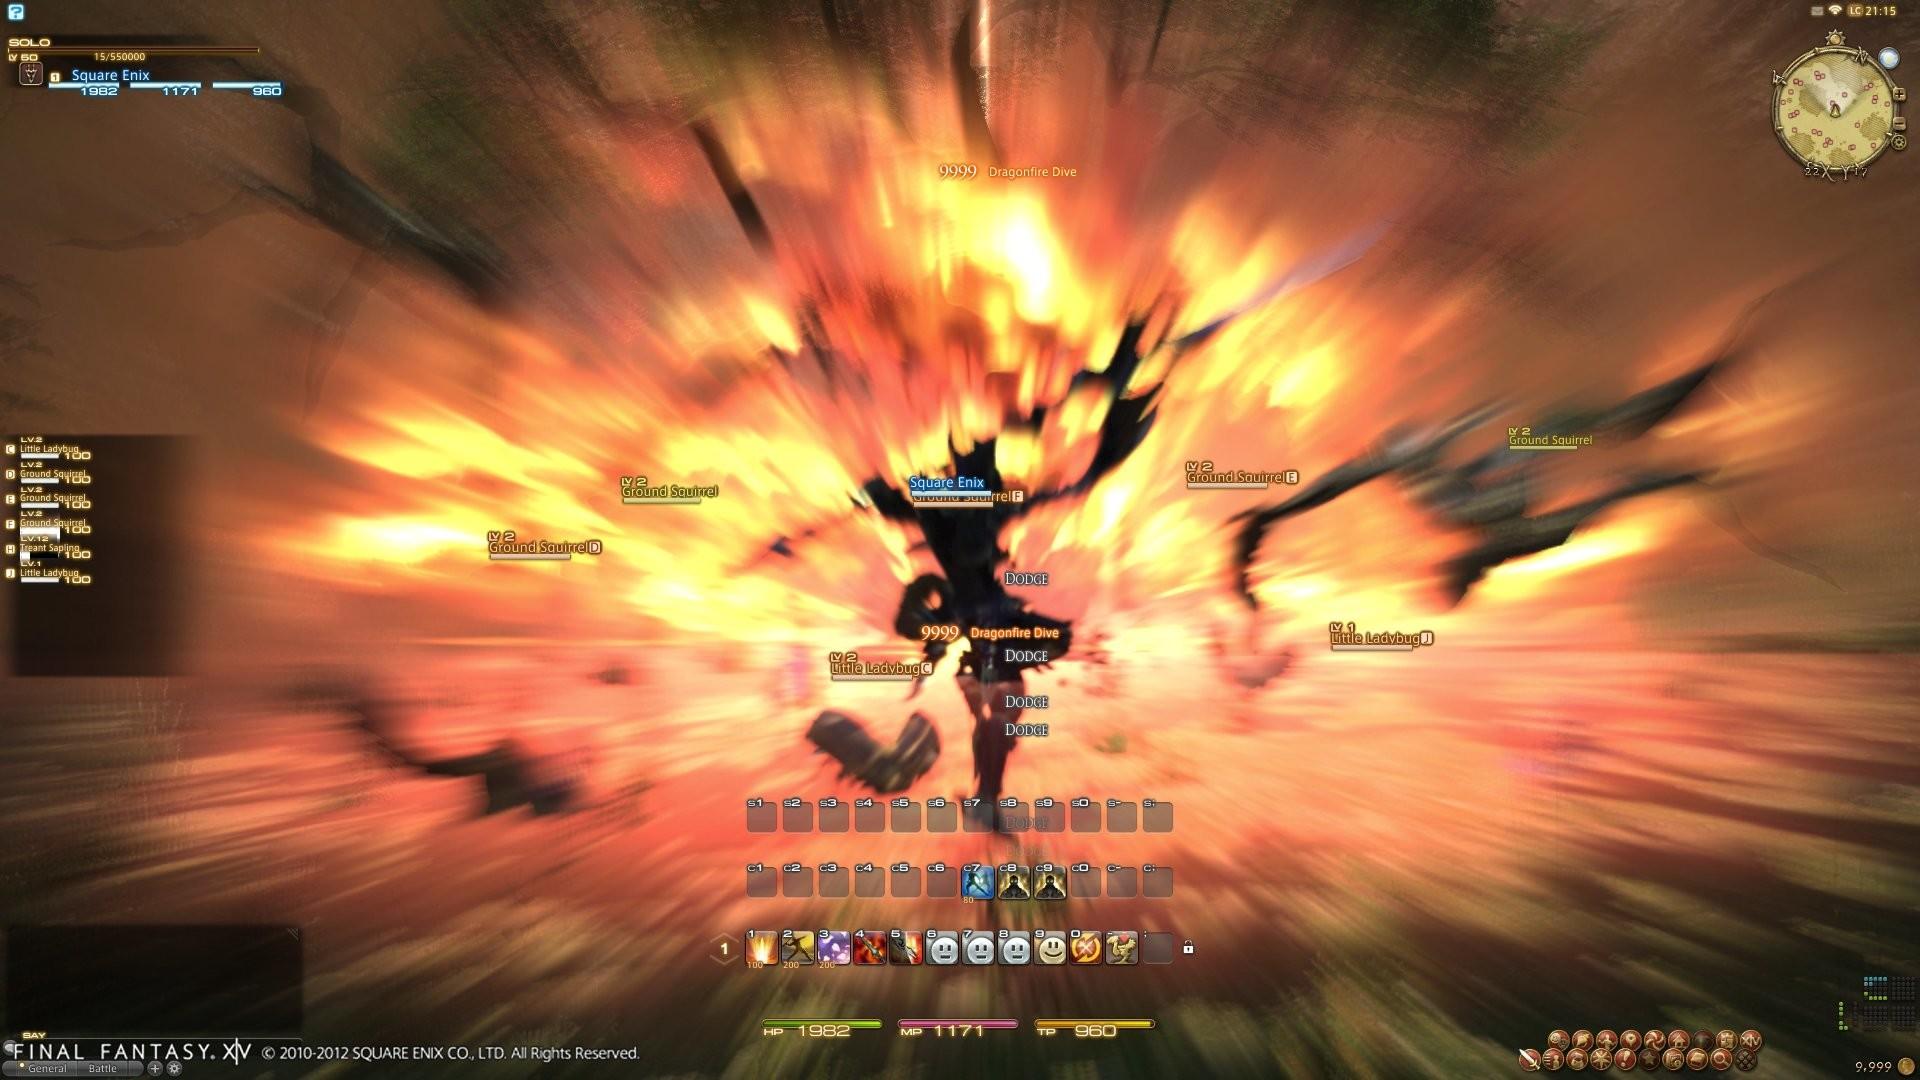 Final-Fantasy-XIV-Gamescon-Screens-7